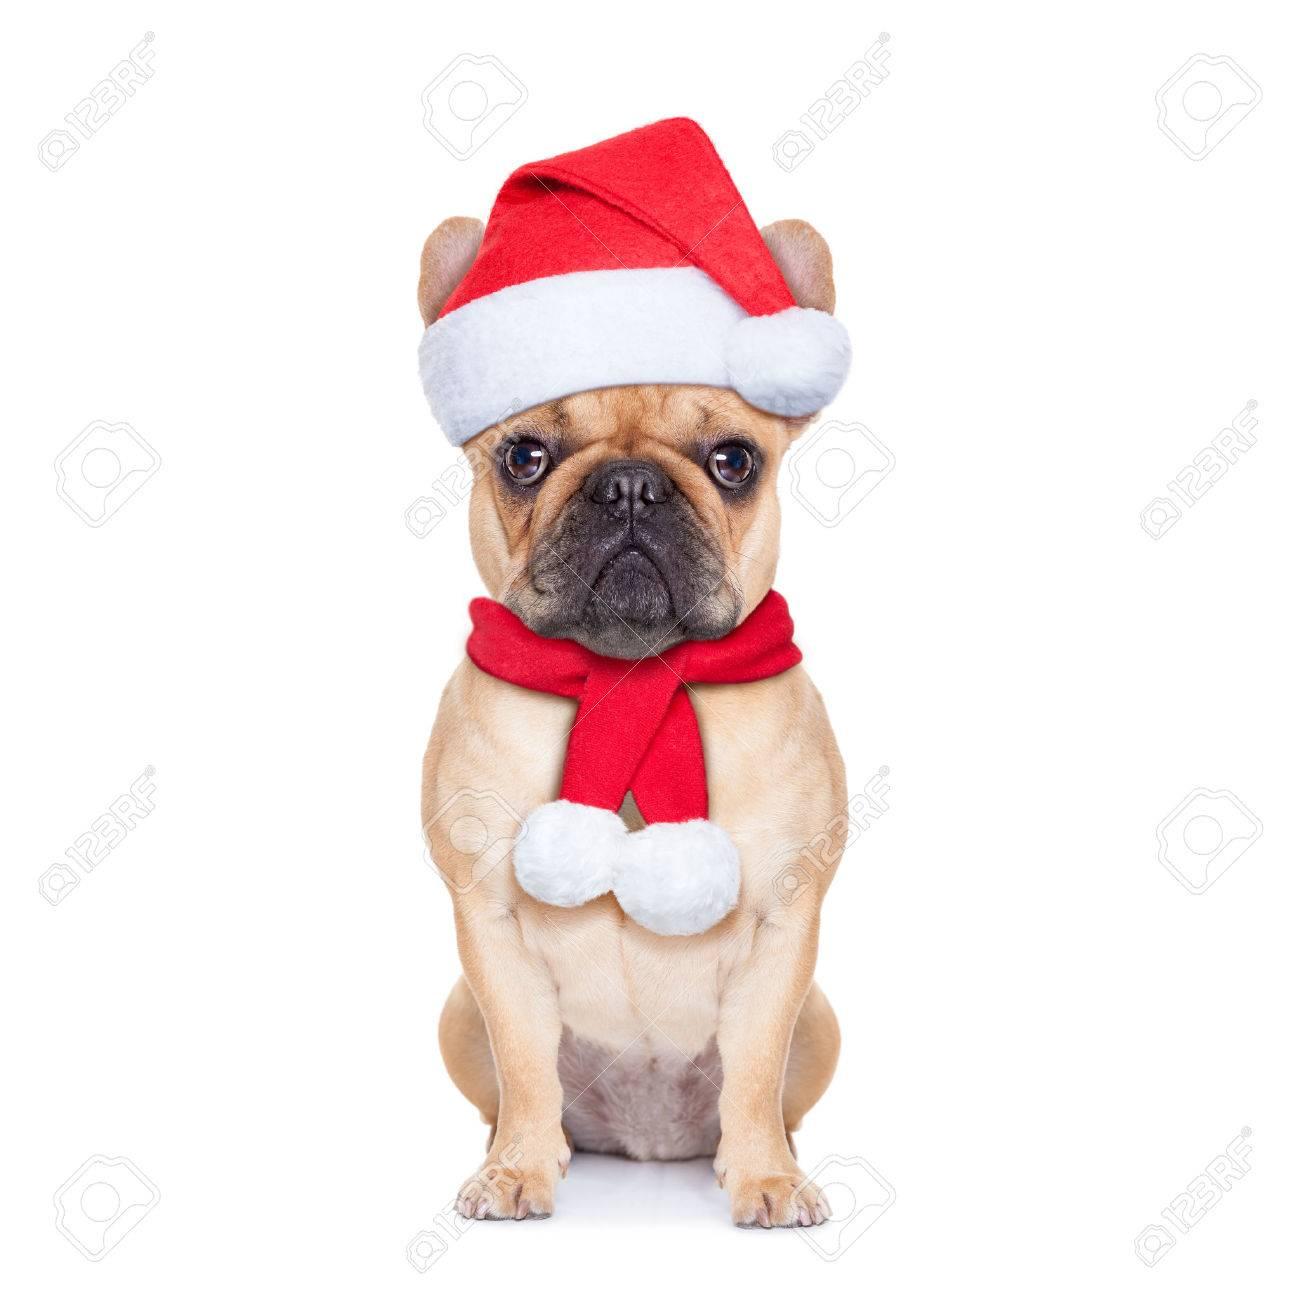 Weihnachtsmann-Weihnachts Hund Isoliert Auf Weißem Hintergrund ...